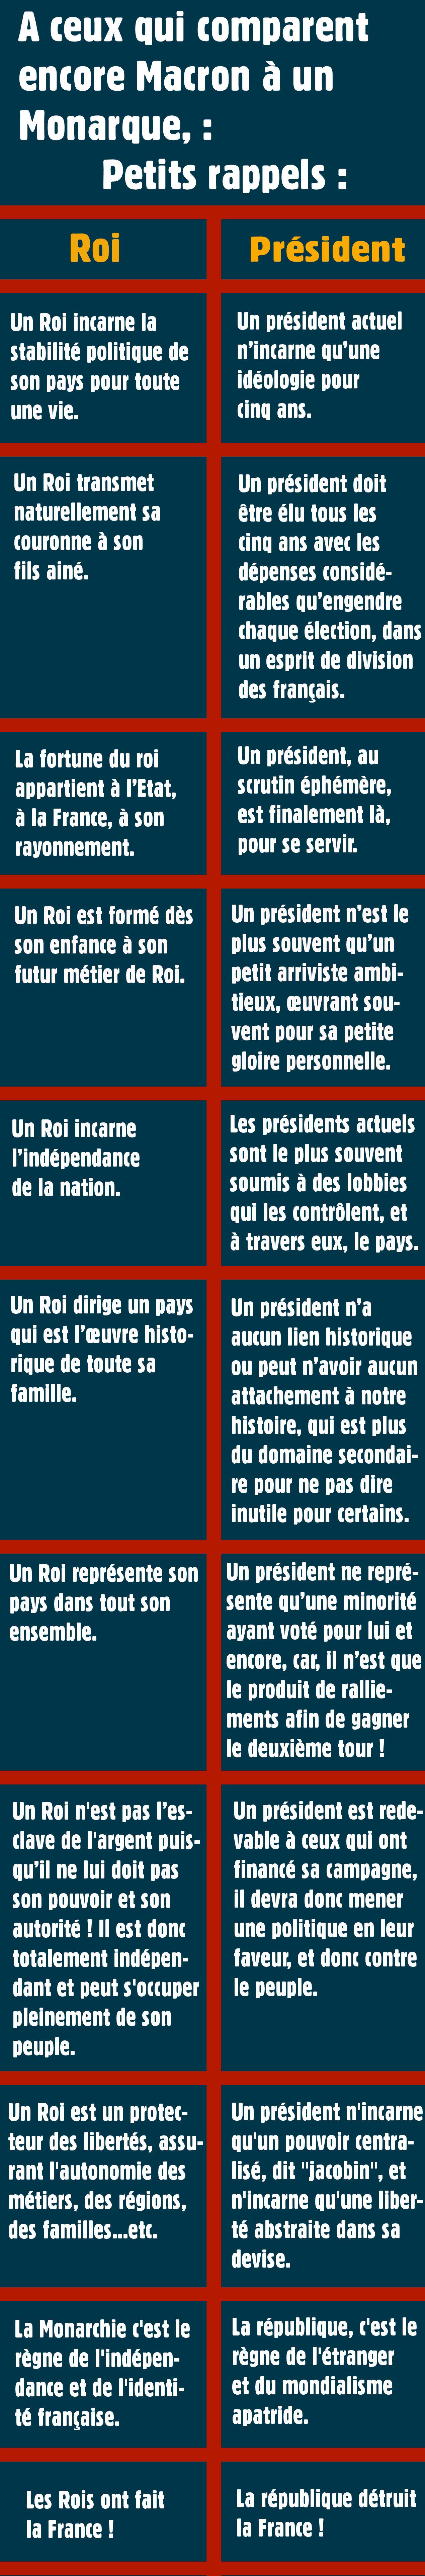 A ceux qui comparent encore Macron à un Monarque :